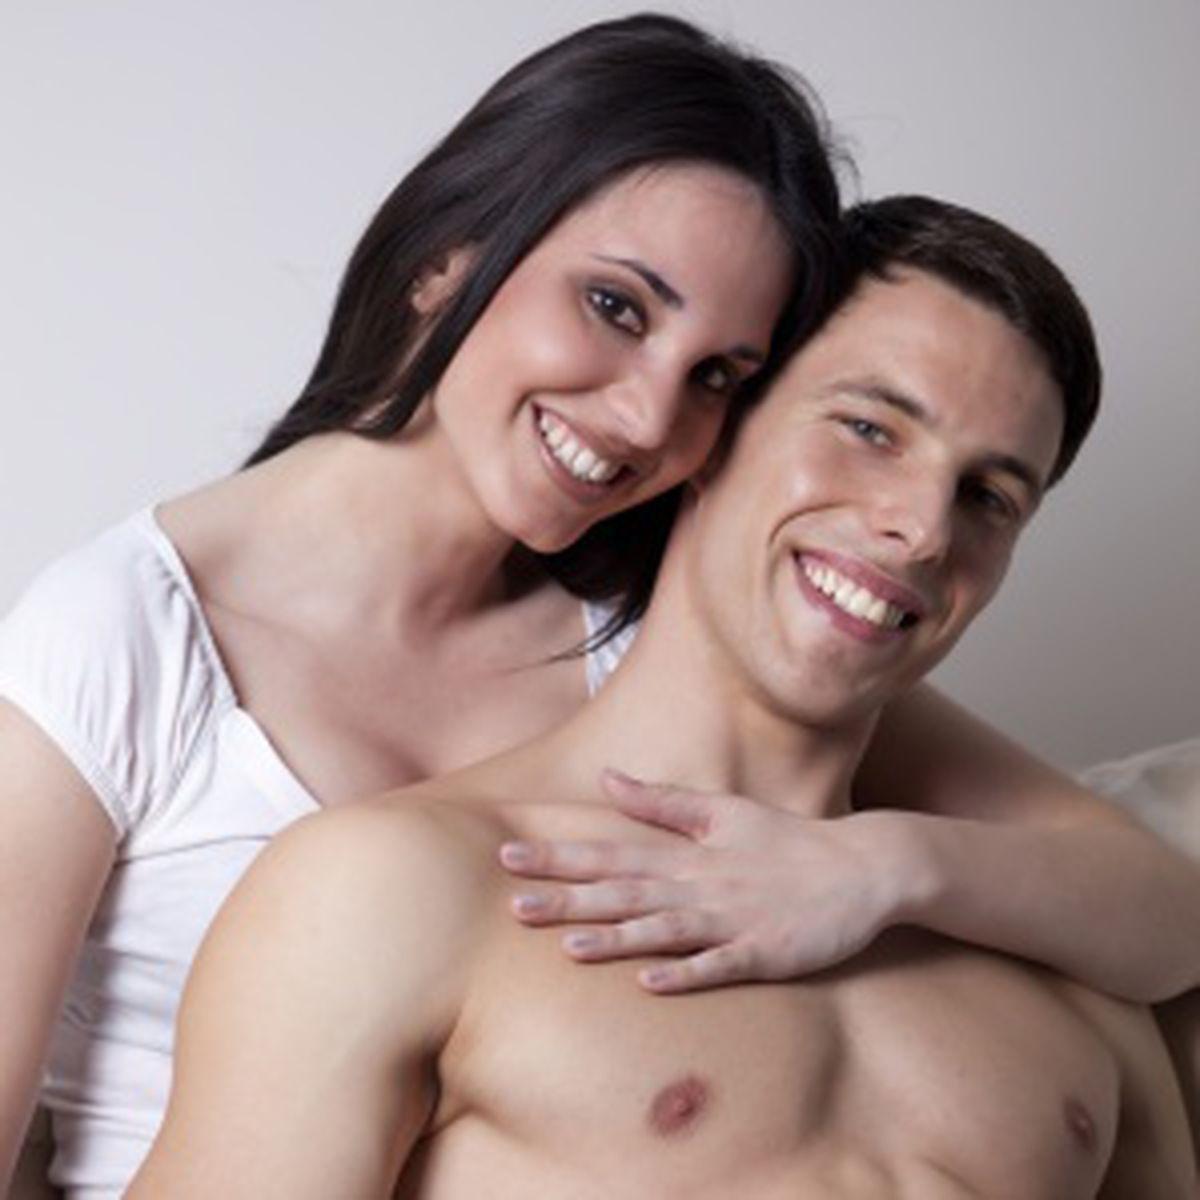 Prima operaţie de micşorare a penisului, făcută unui adolescent. Nu putea face sex